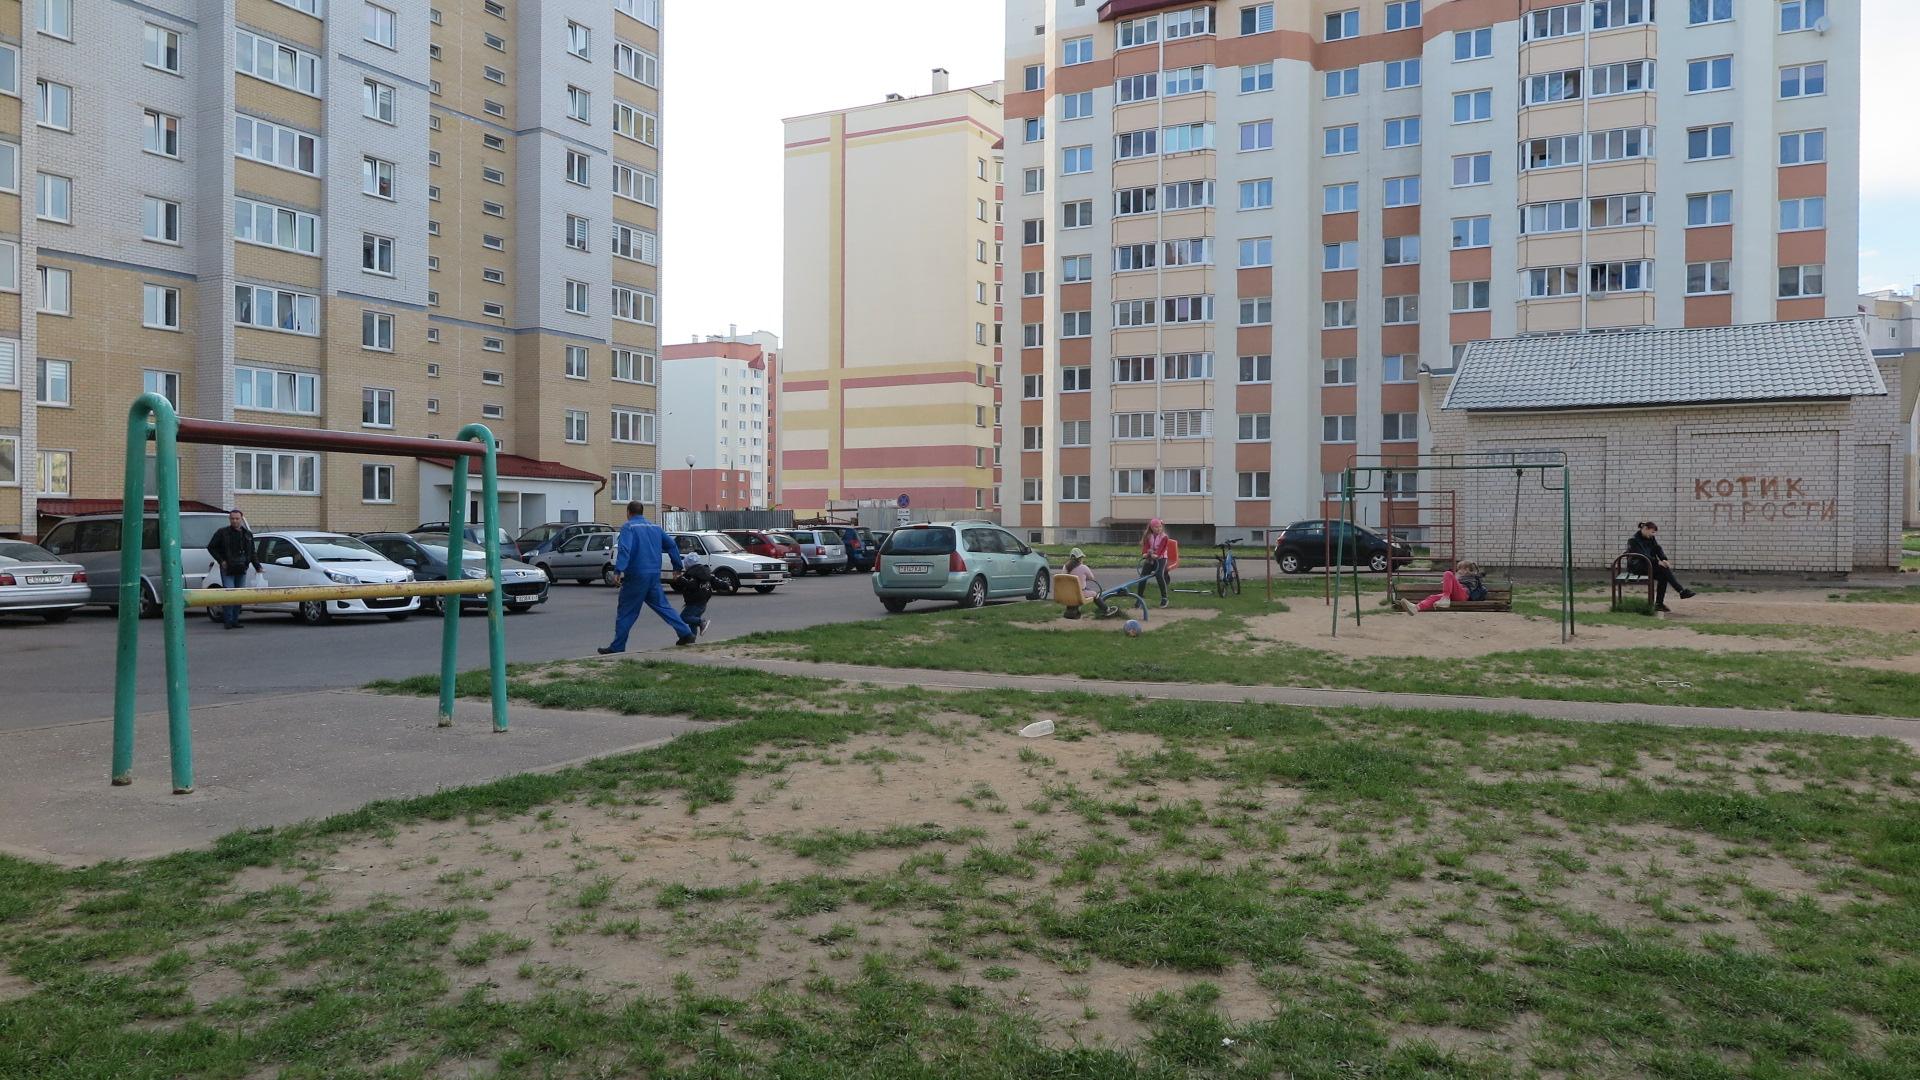 Двор дома №9 на улице Домейко, через который проезжают грузовые автомобили. Фото: Ирина КОМИК